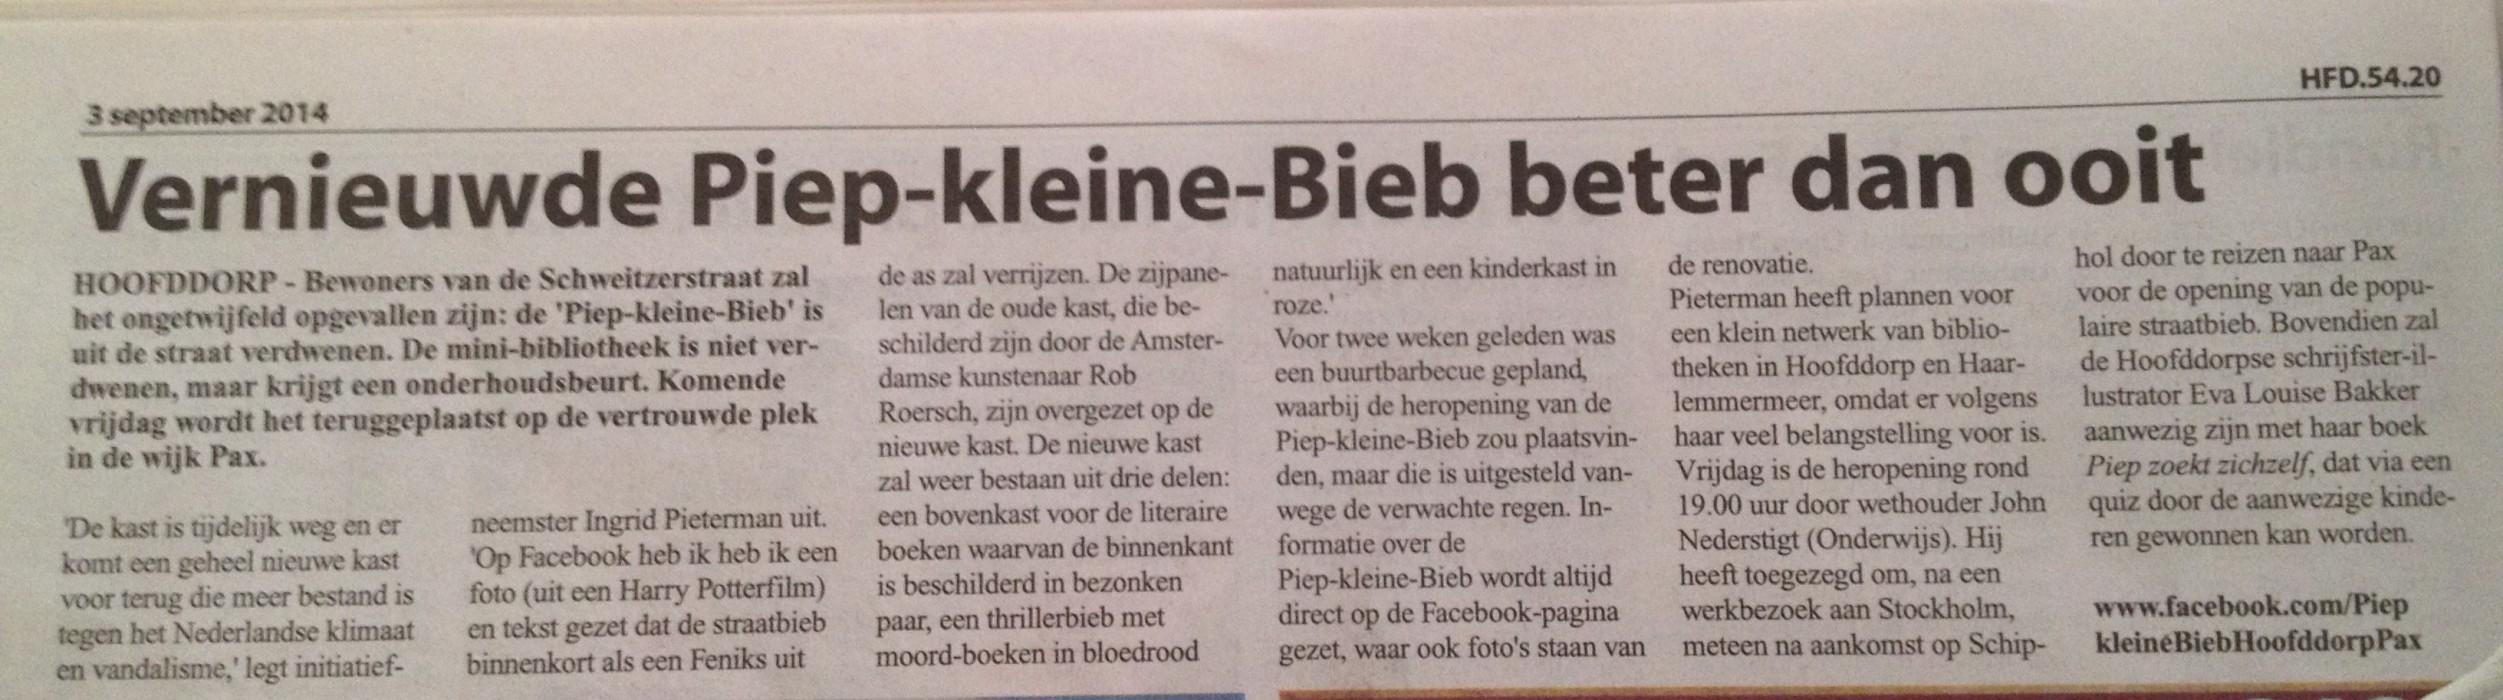 Witte Weekblad 03-09-14